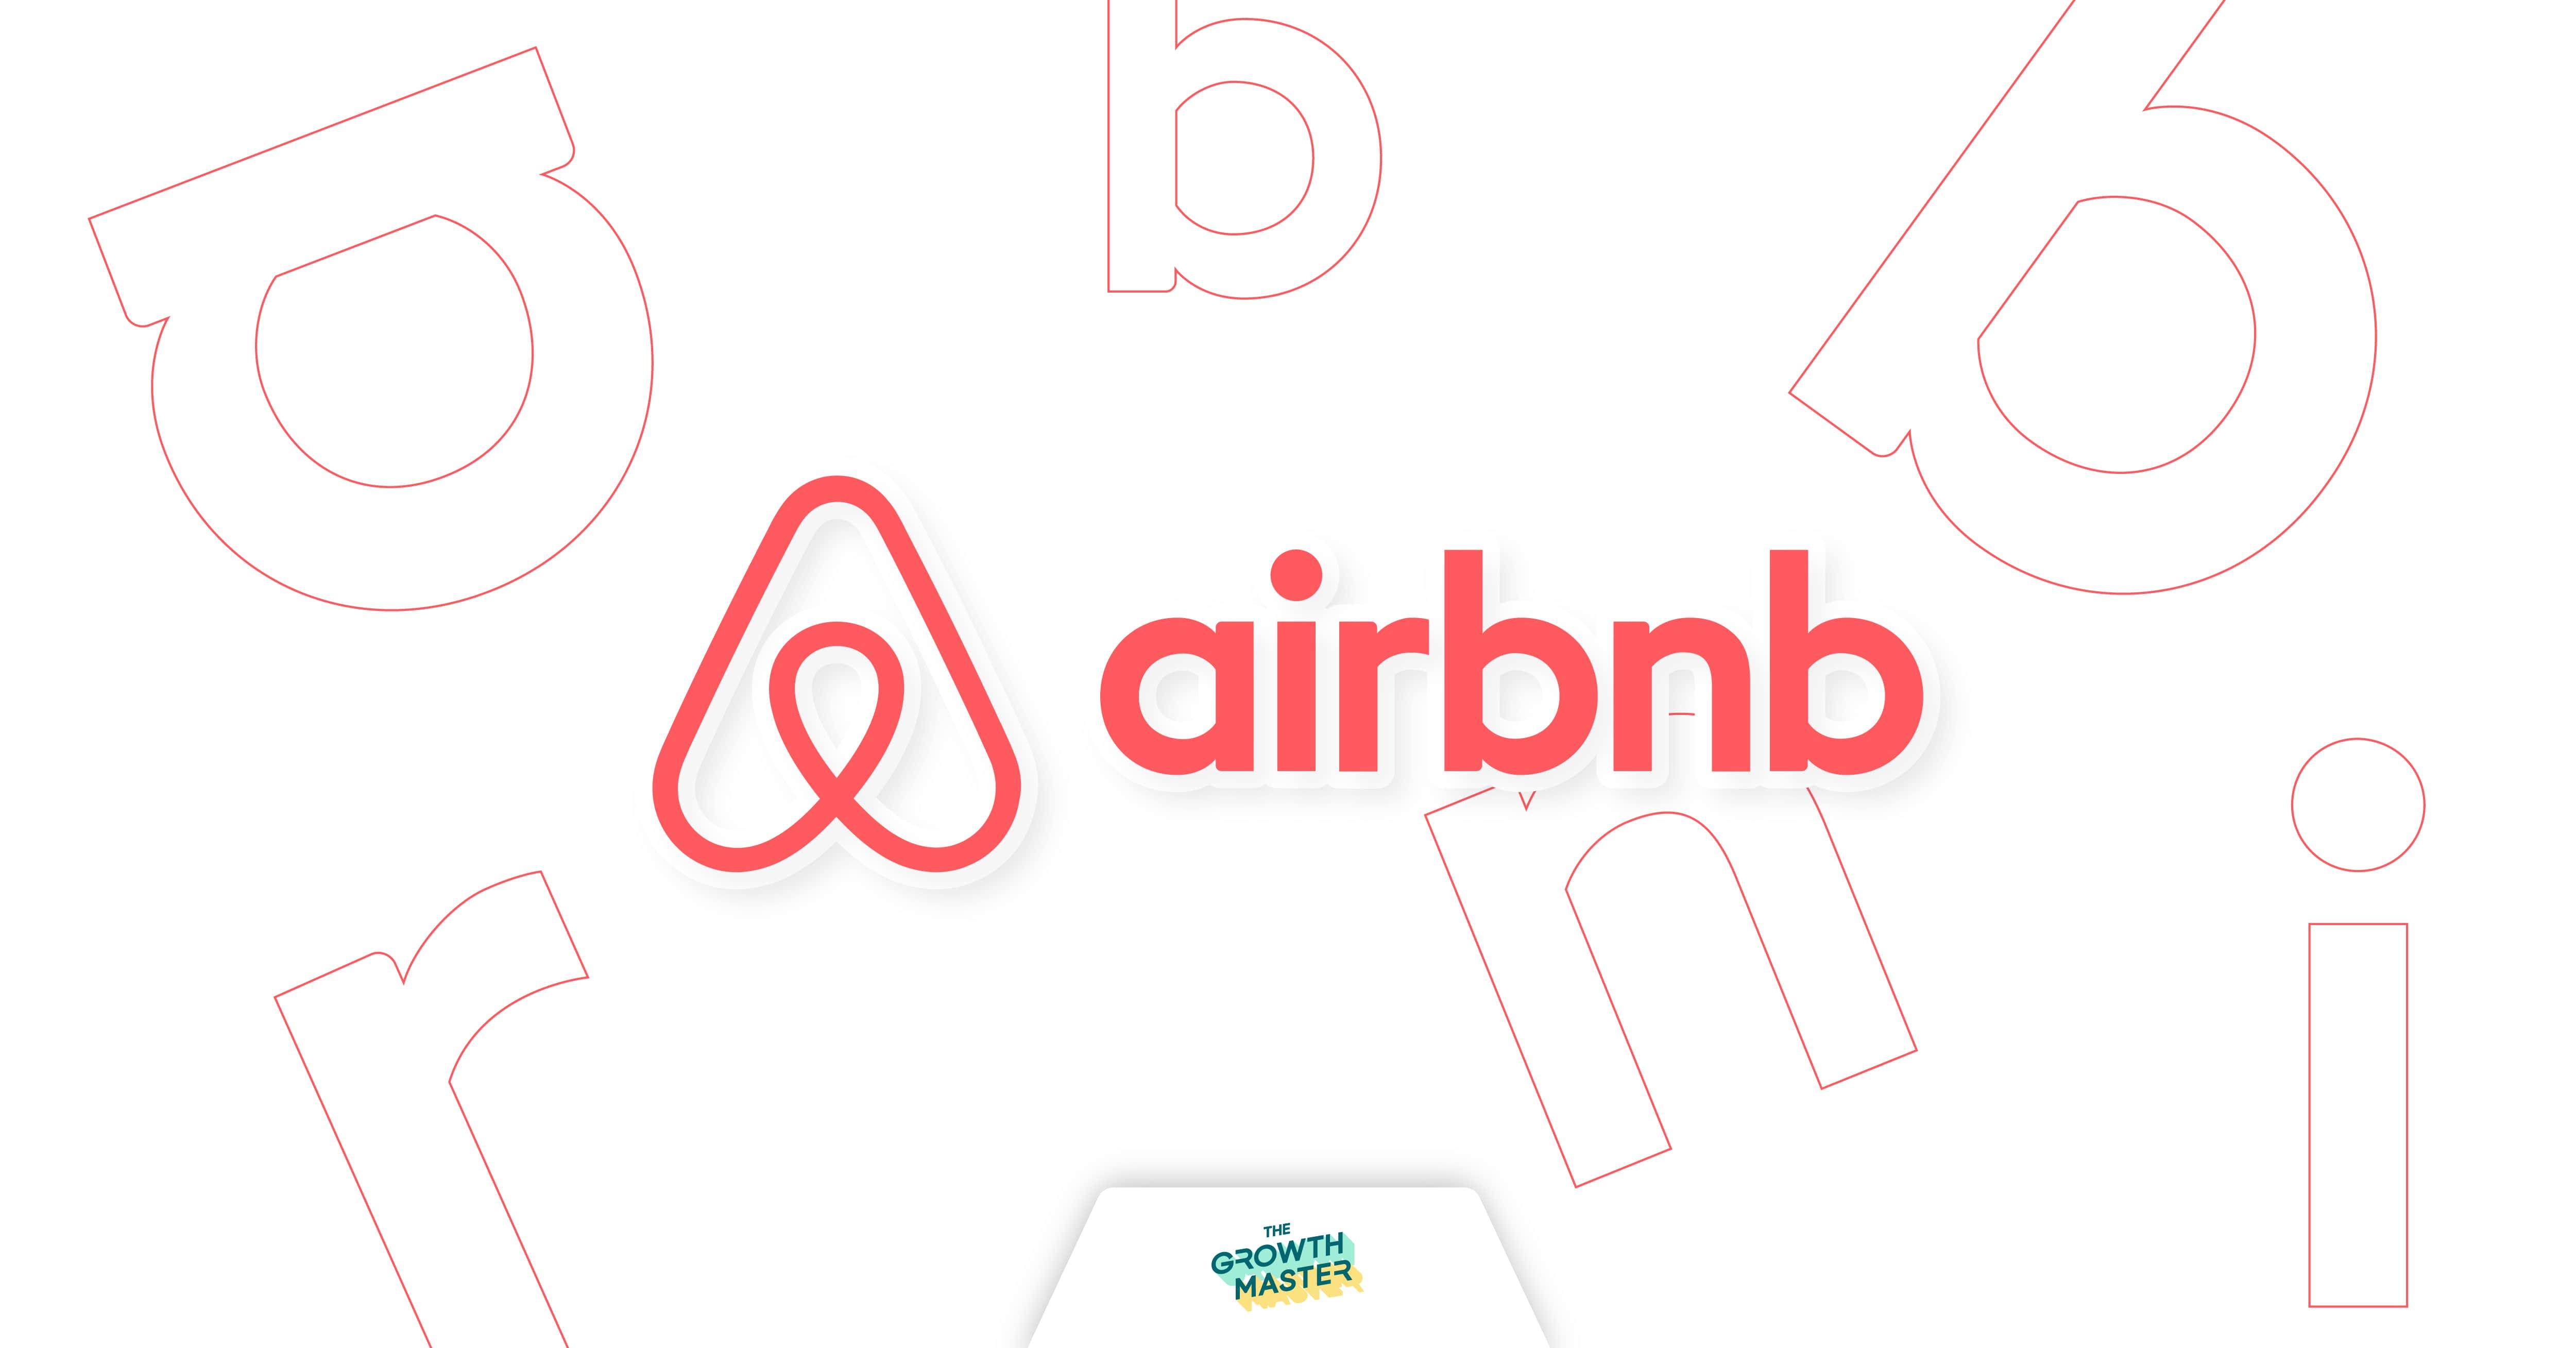 CASE STUDY : Airbnb ธุรกิจเช่าที่พักกับกลยุทธ์ที่เข้ามาสั่นสะเทือนวงการโรงแรมทั่วโลก